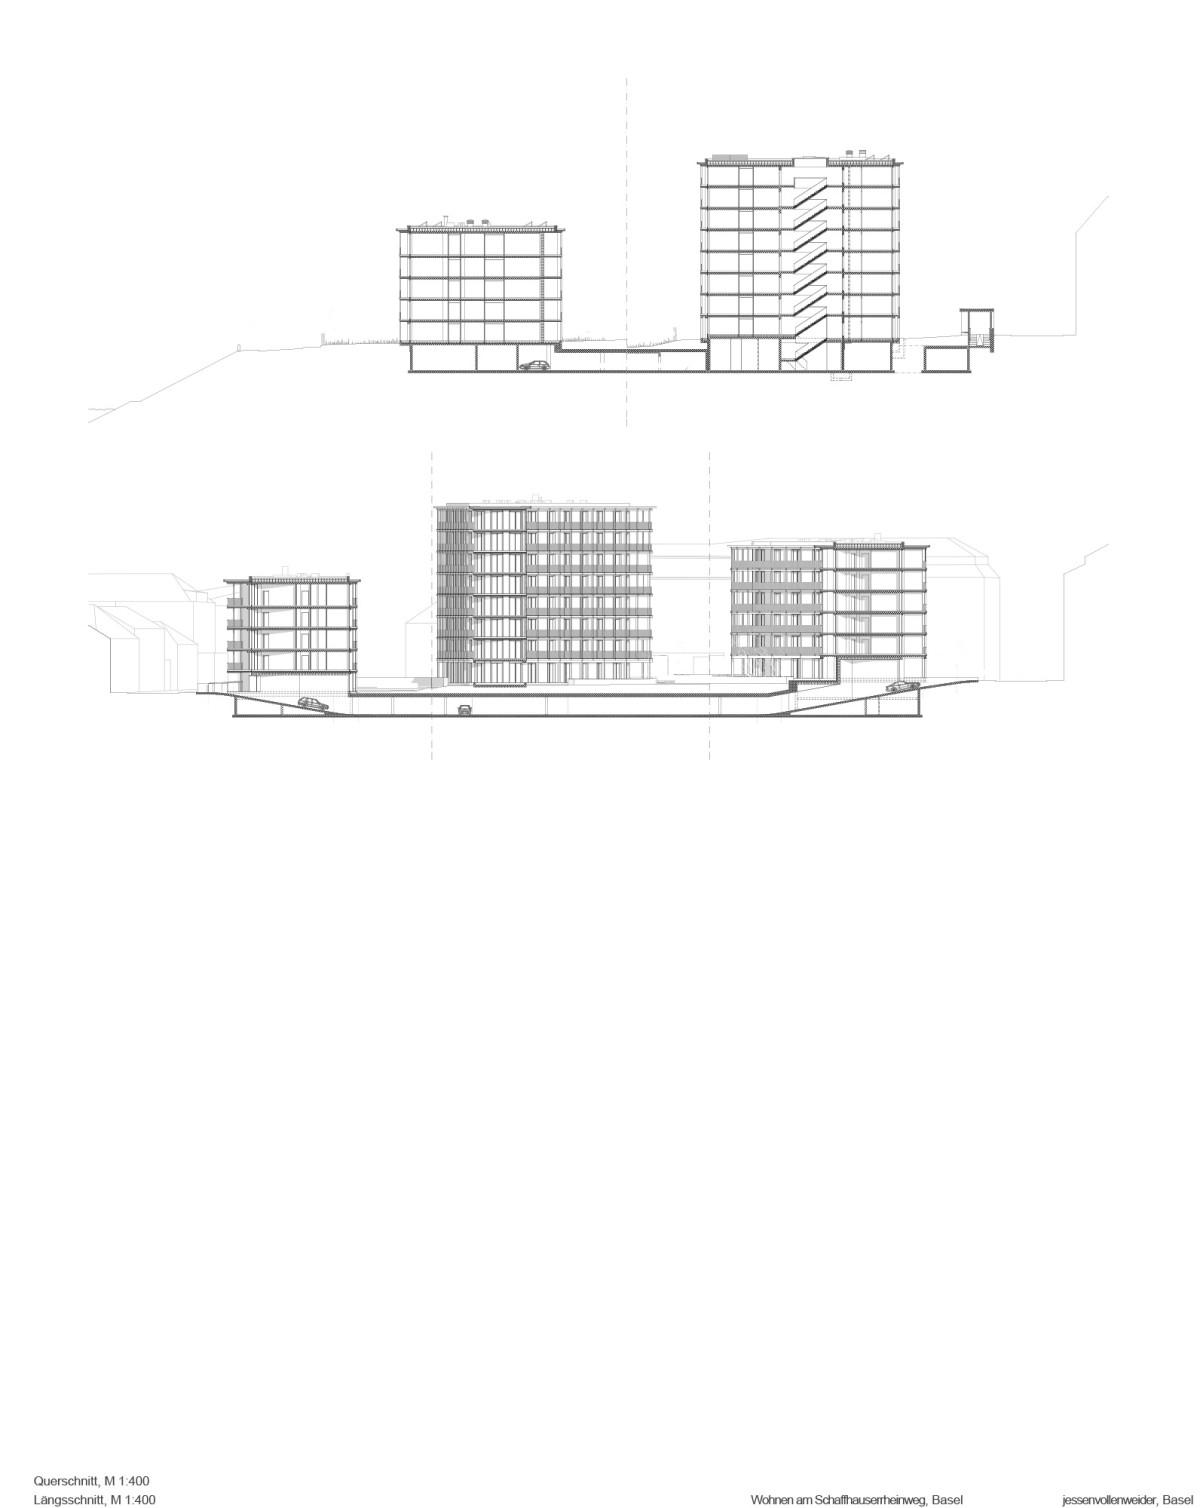 jessenvollenweider . Schaffhauserrheinweg housing . Basel afasia (19)